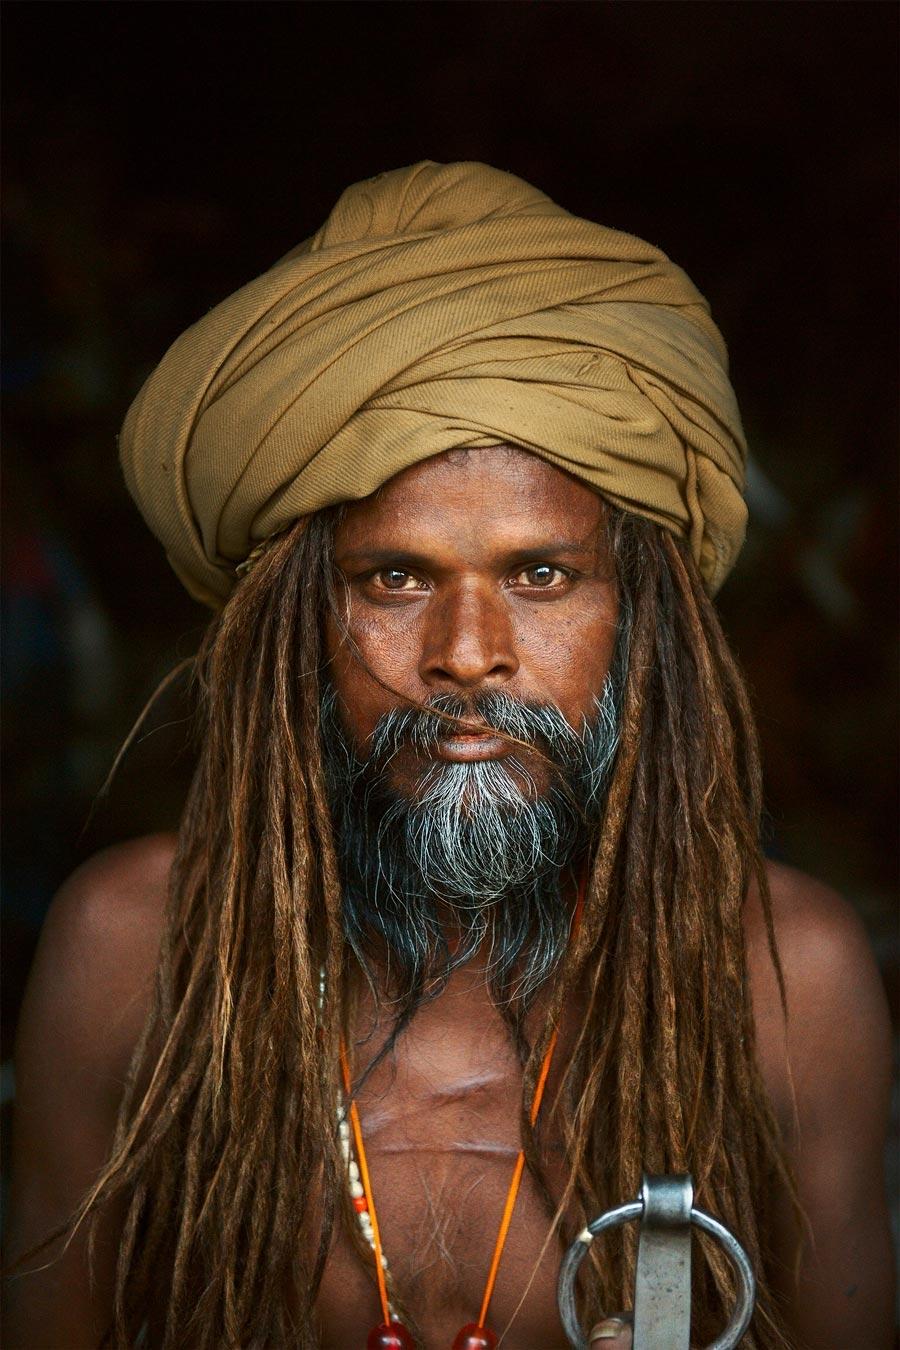 INDIA-10872, Kumbh Mela Festival, India, 2010